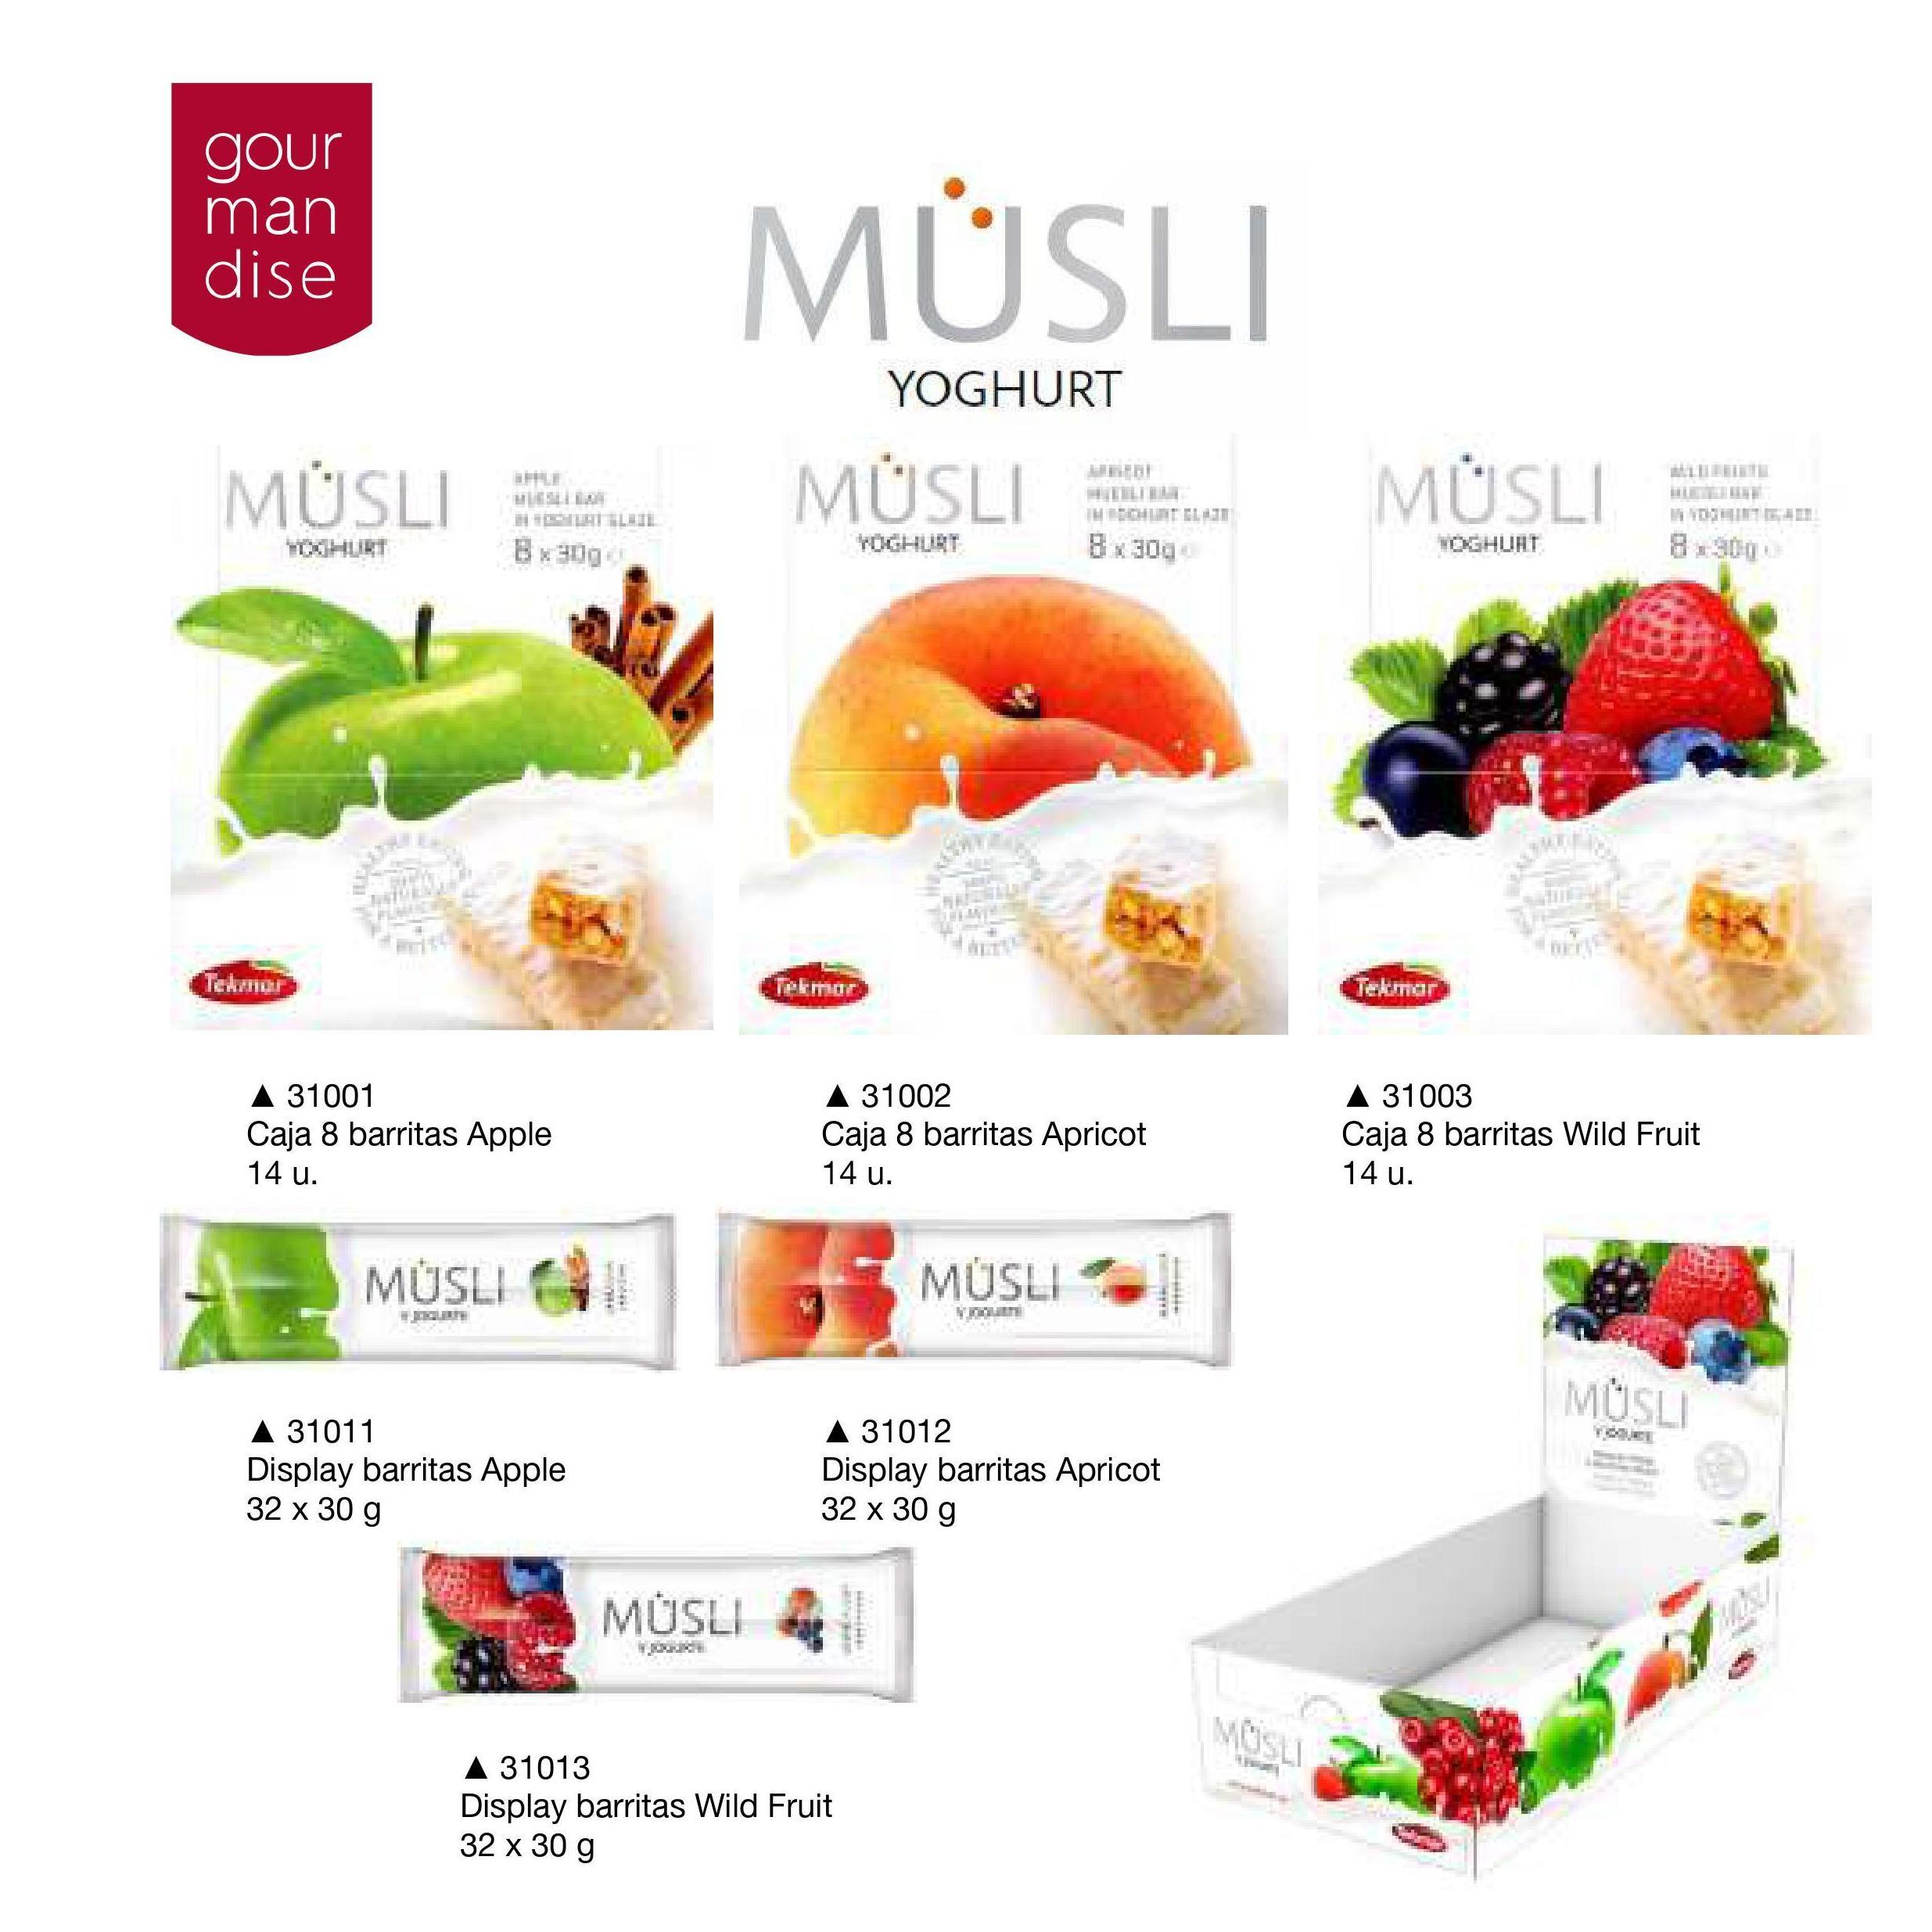 Musli Yoghurt: Productos de Casa Bastida